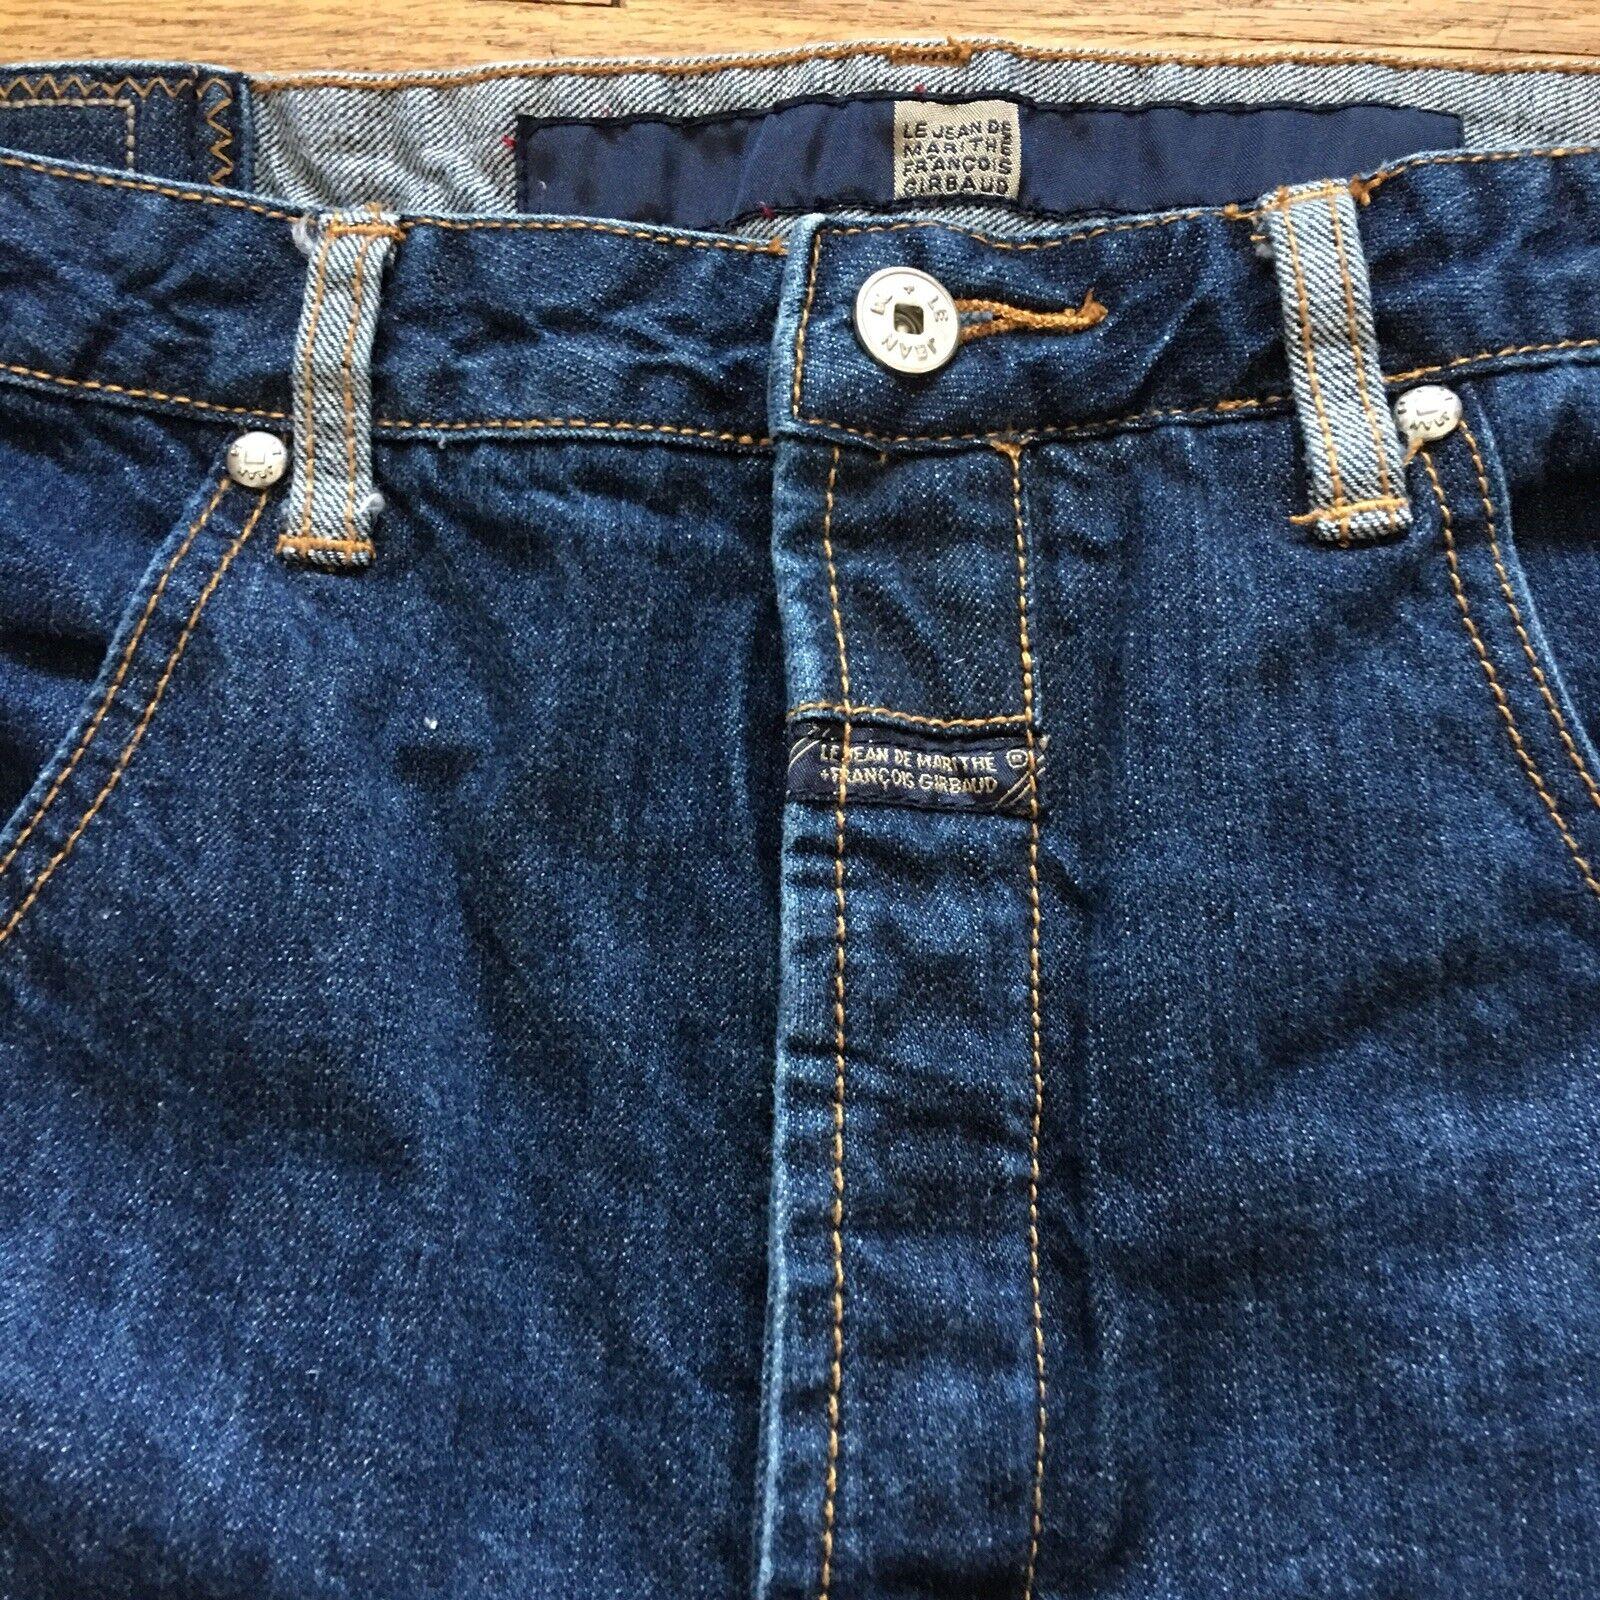 2250bcc1 Le Jean De Marithe Francois Girbaud Jeans Men 36 Baggy Vintage 90s Hip Hop